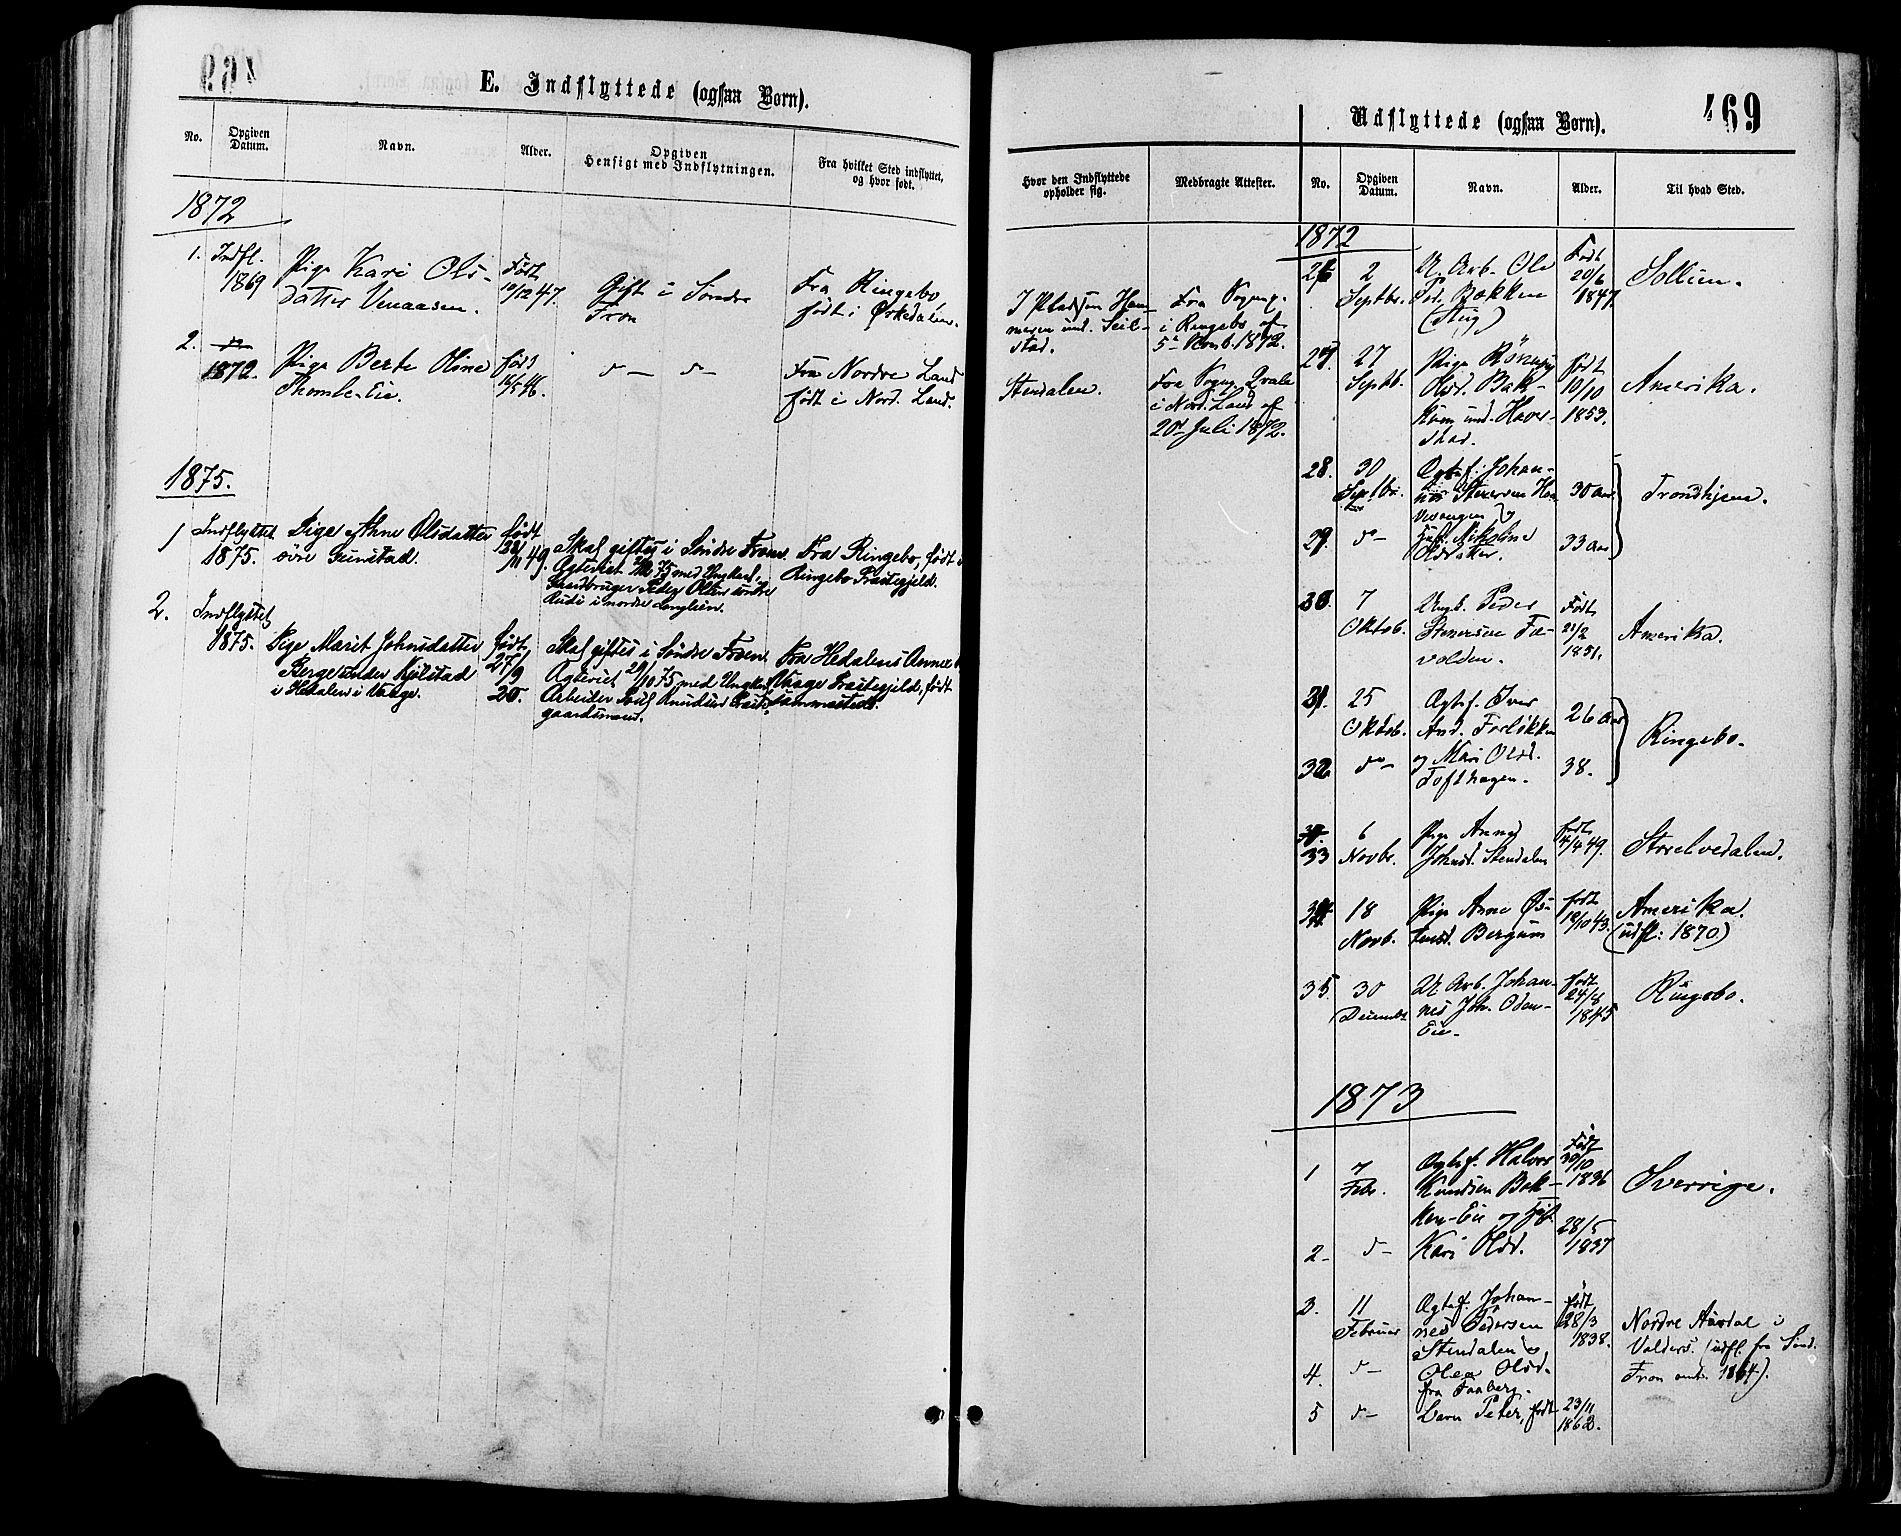 SAH, Sør-Fron prestekontor, H/Ha/Haa/L0002: Ministerialbok nr. 2, 1864-1880, s. 469